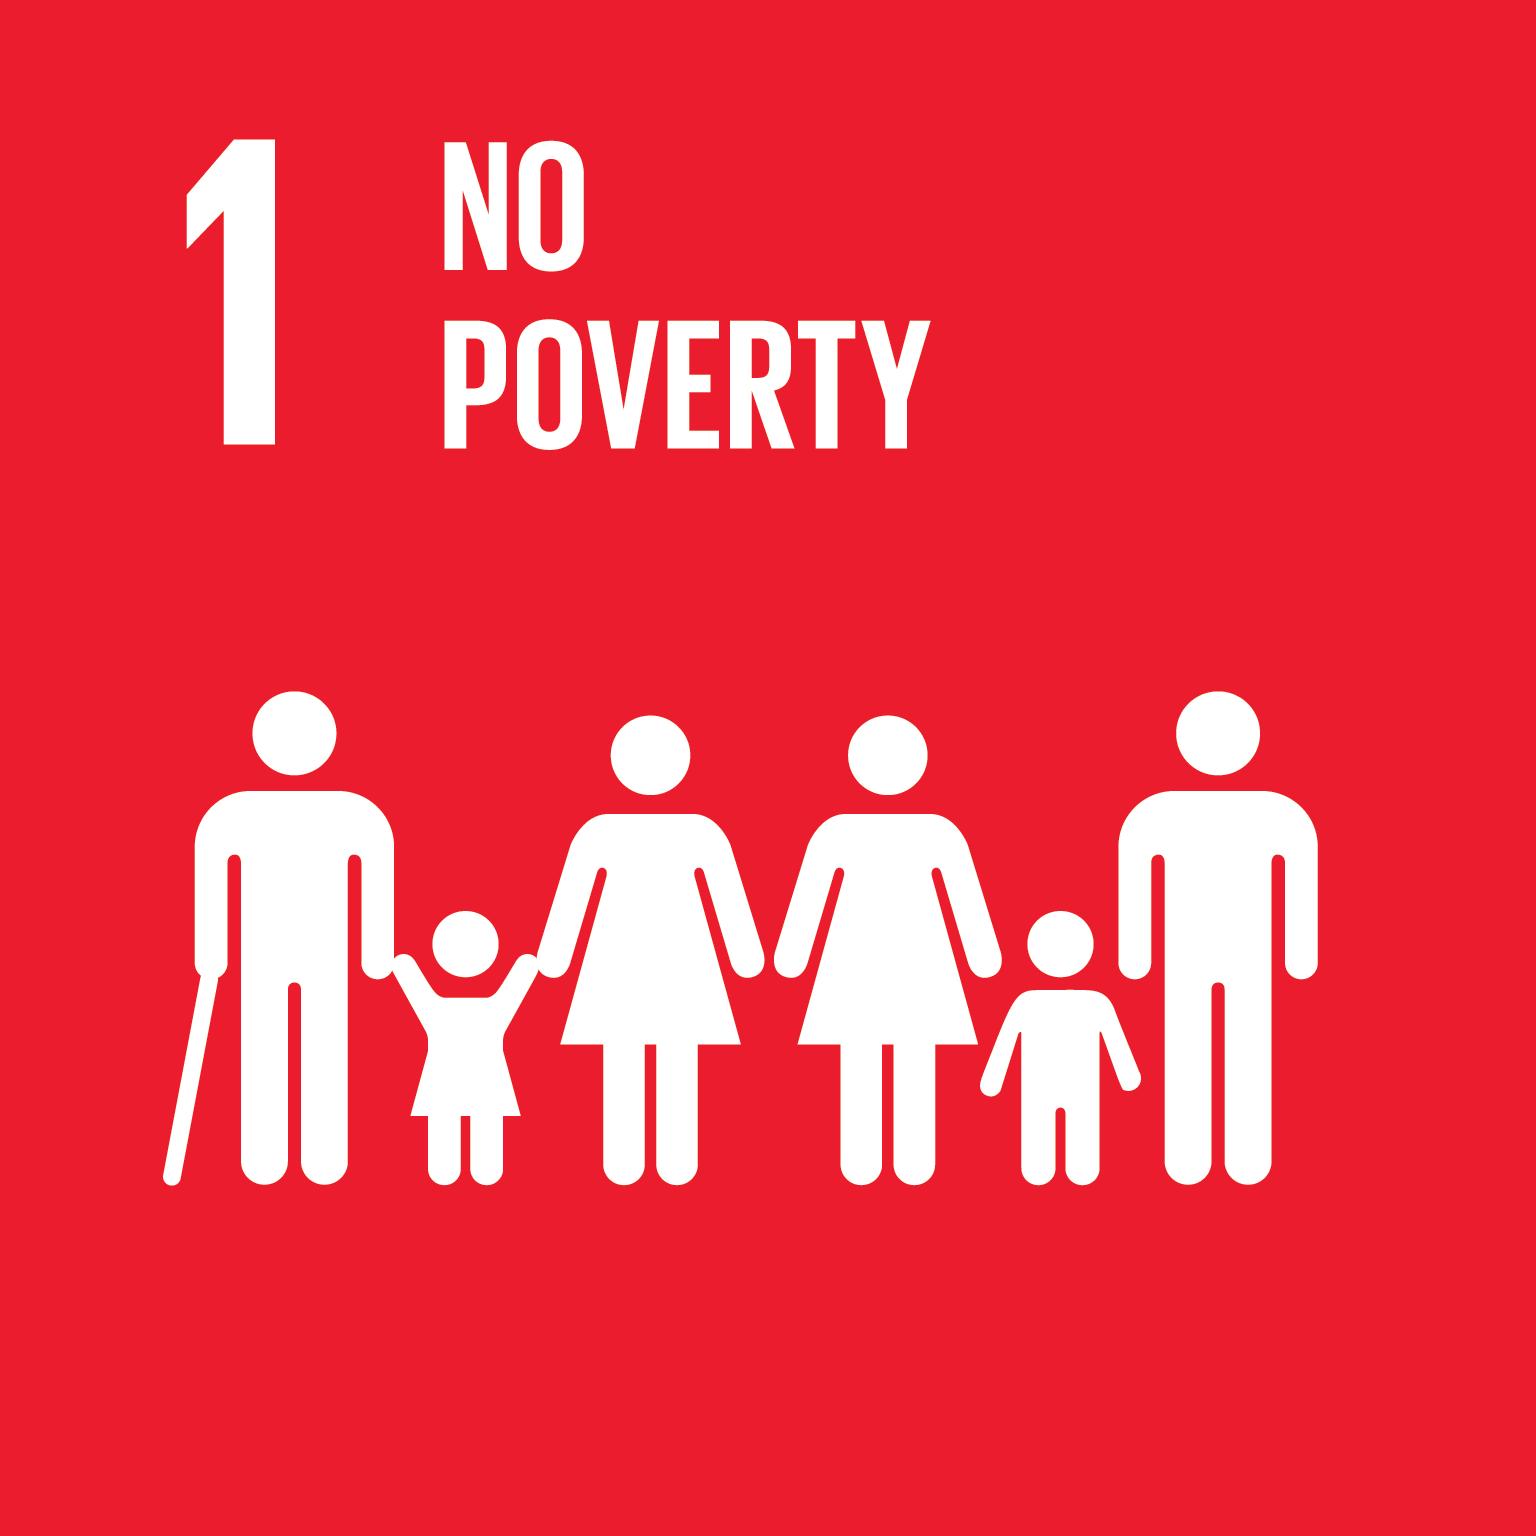 SDG Goal #1 No Poverty